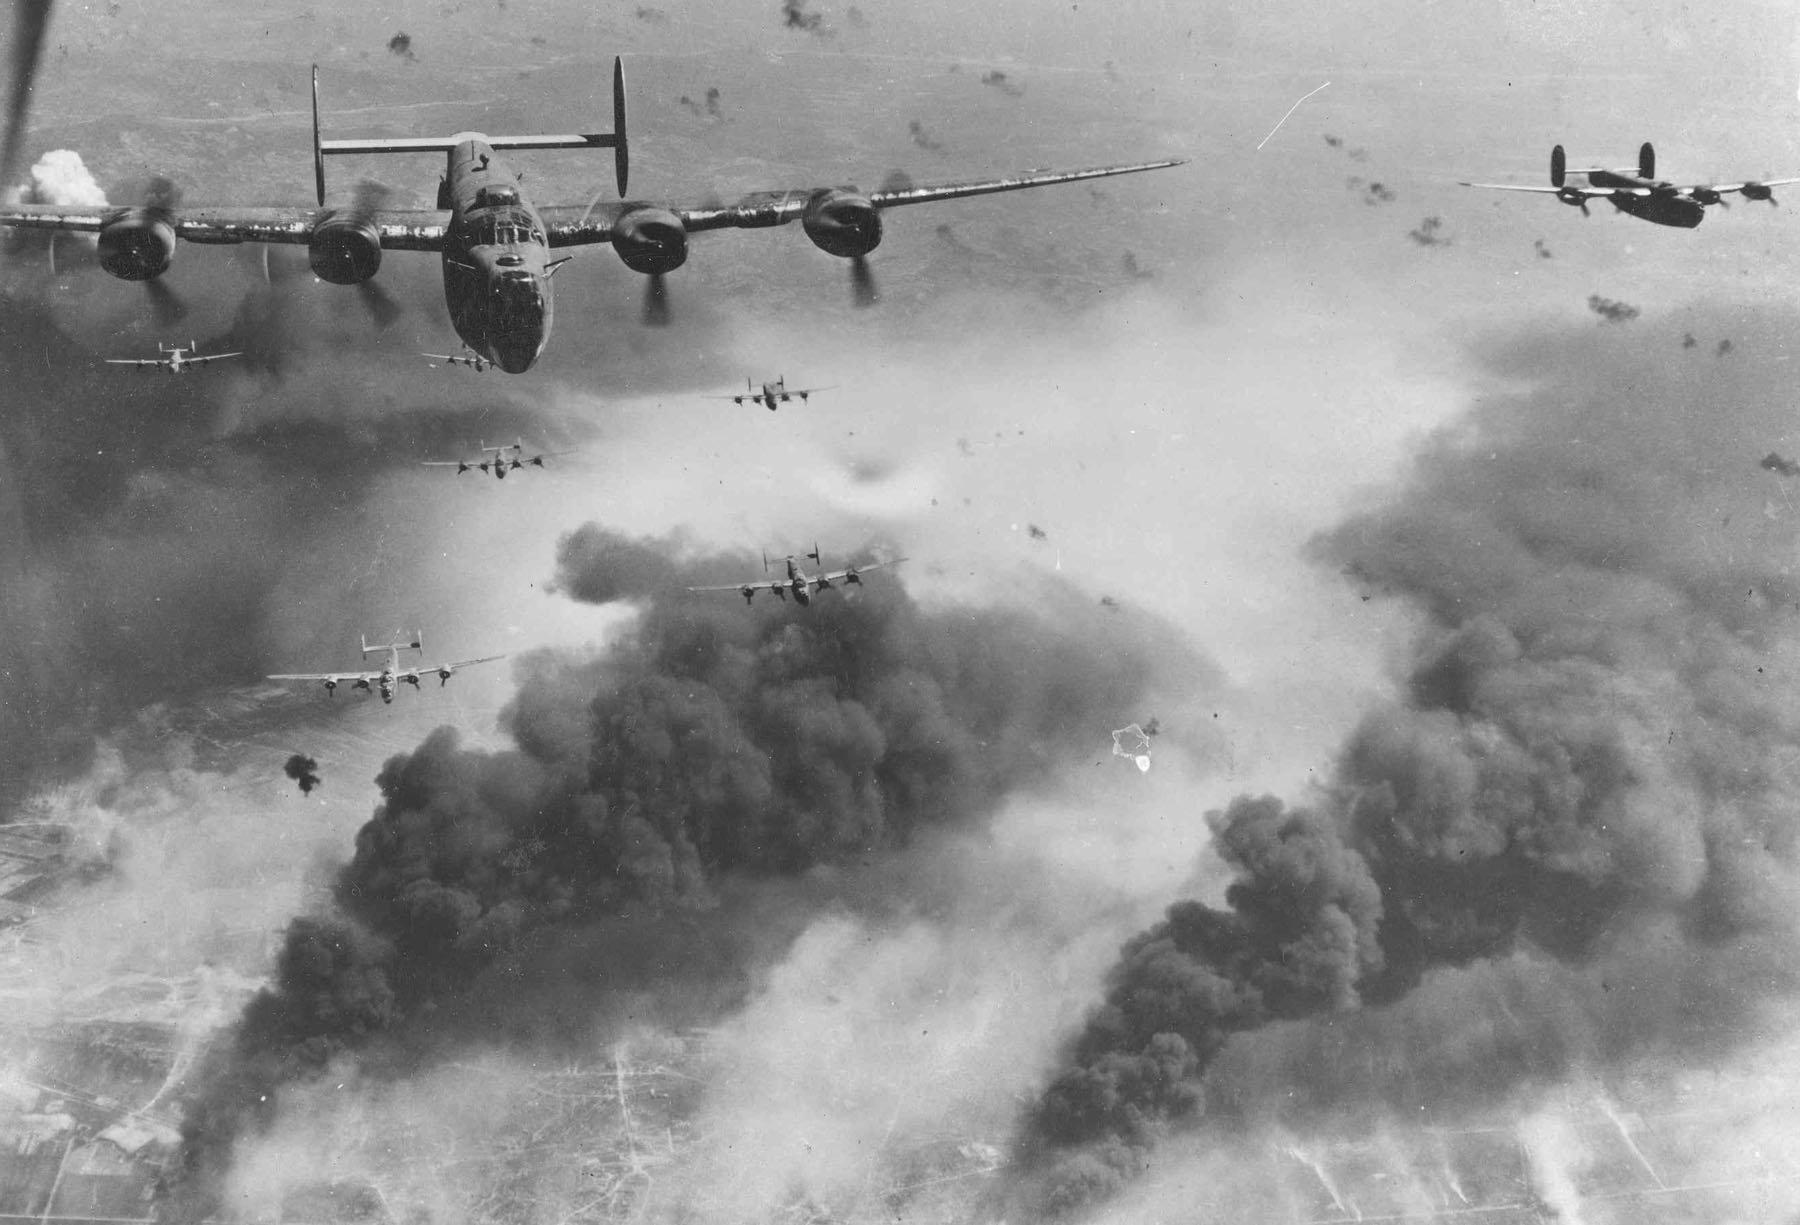 Стратегические бомбардировки Германии (5 марта 1943 г. — февраль 1945 г.)